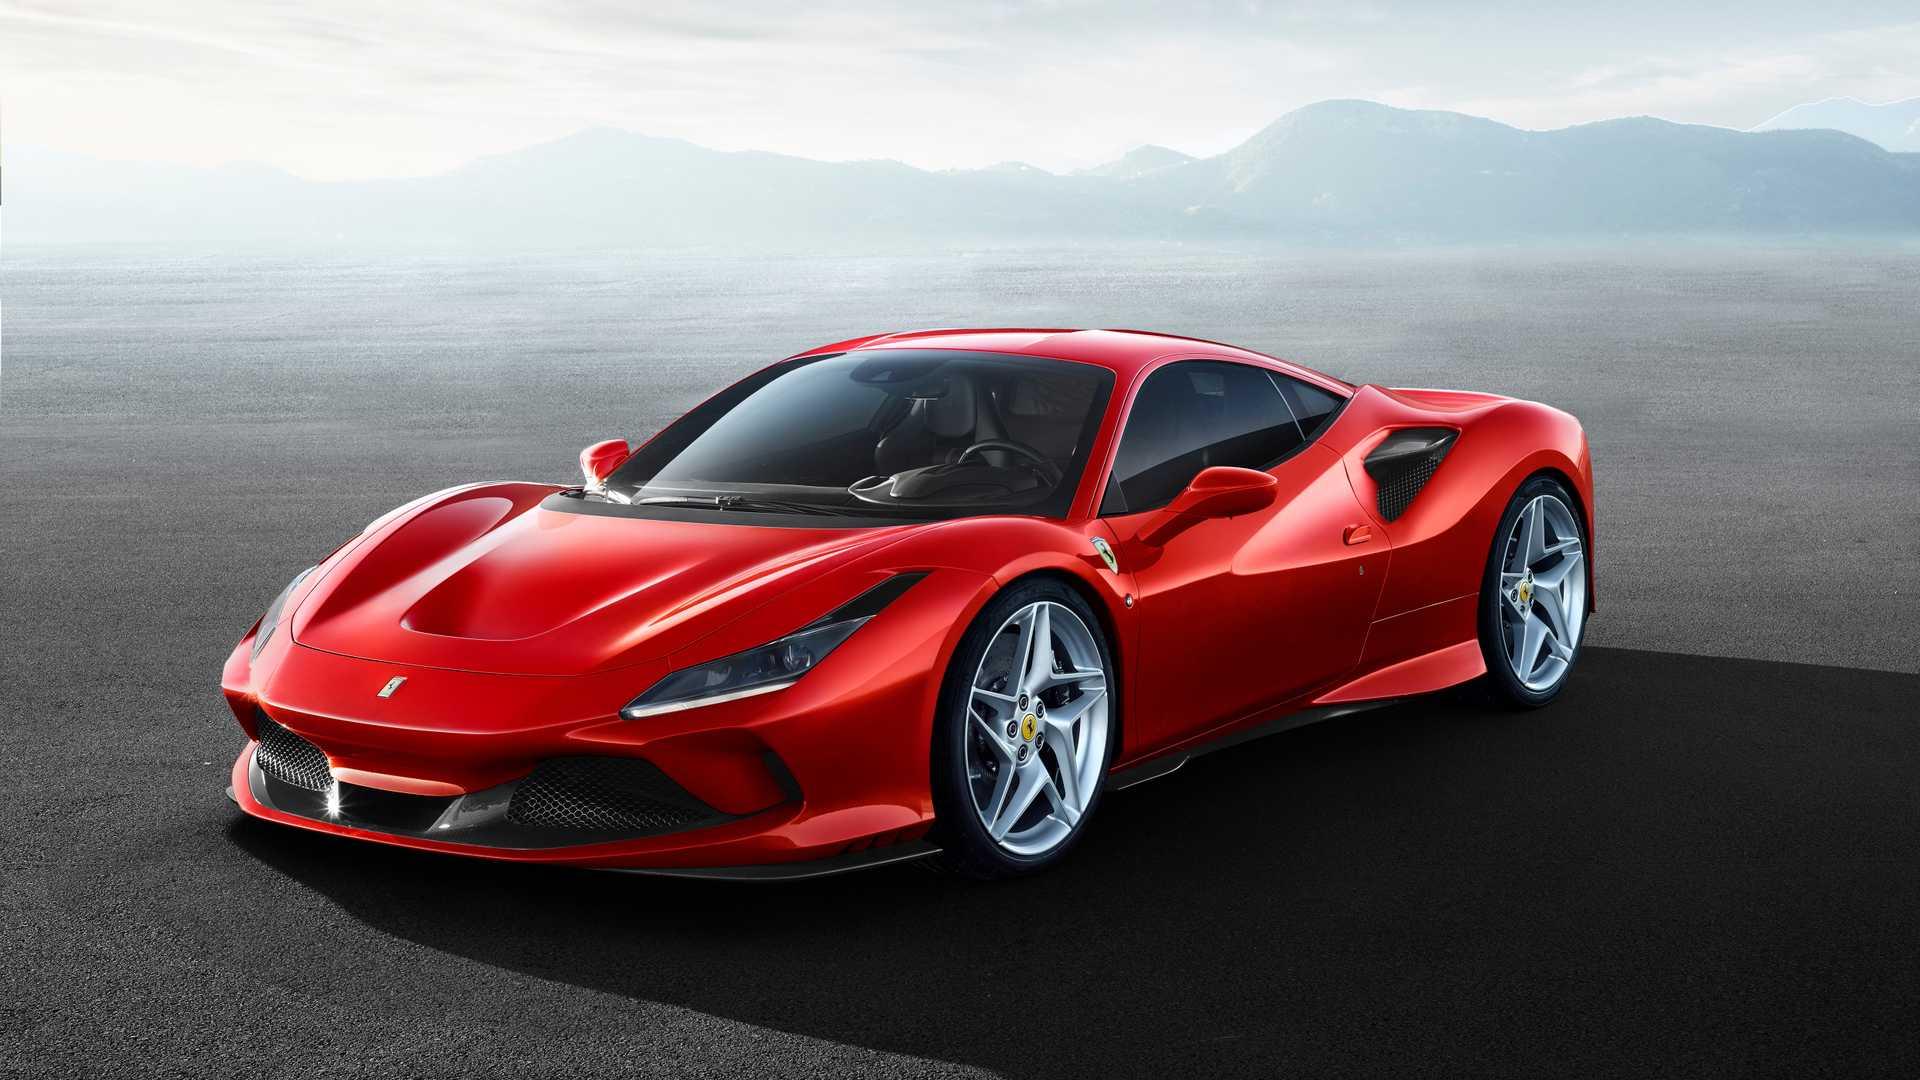 Ferrari   Fast sports cars, Ferrari fxx, Sports car